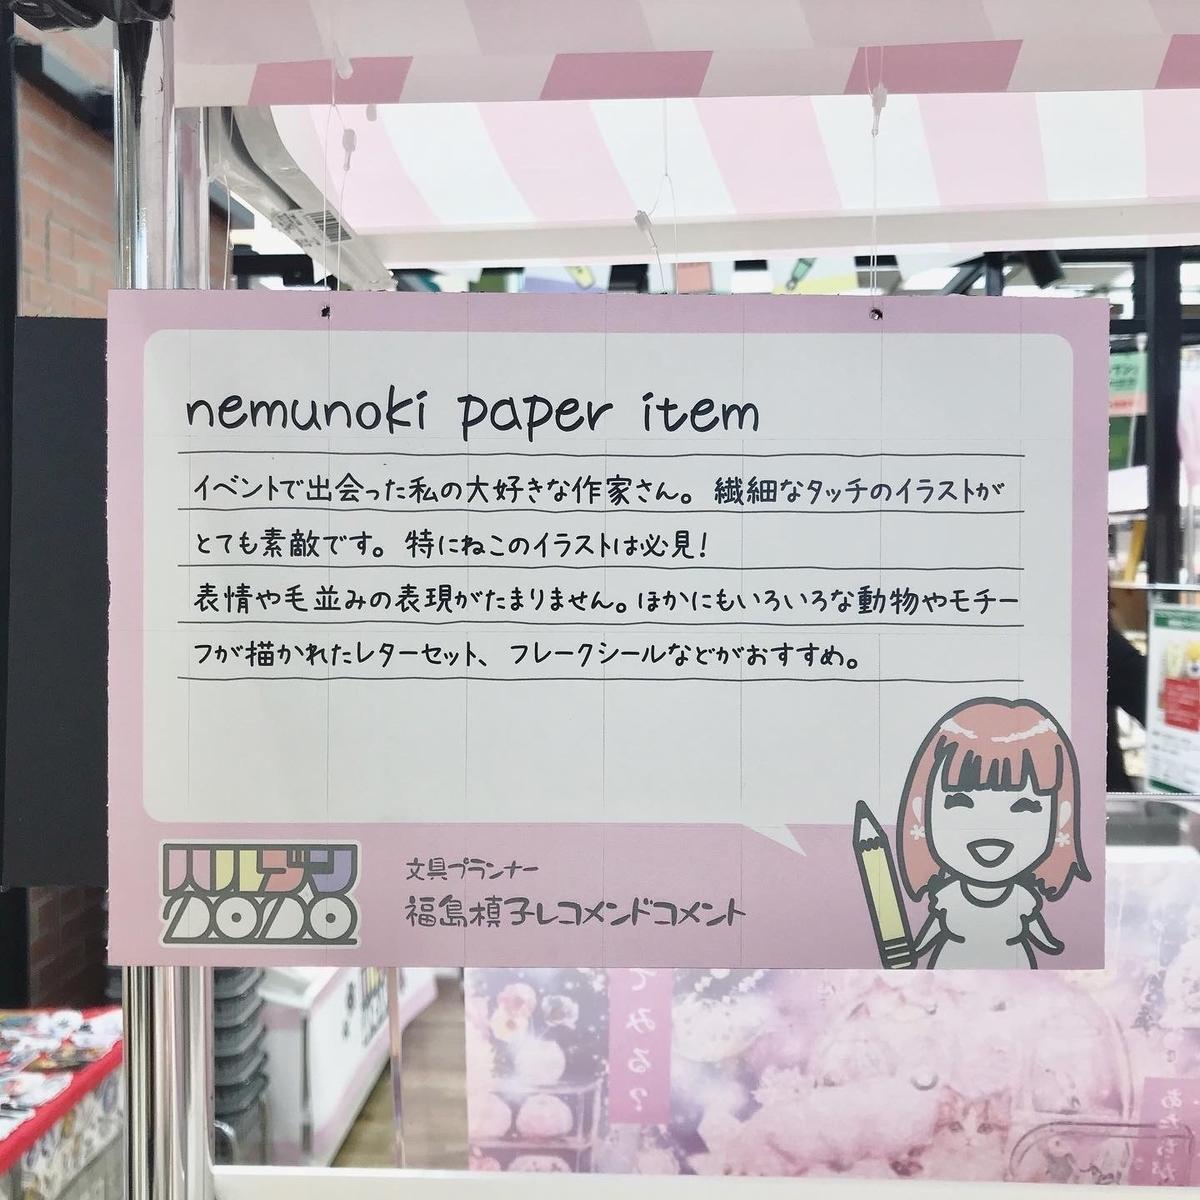 f:id:nemunoki-letter:20200307185841j:plain